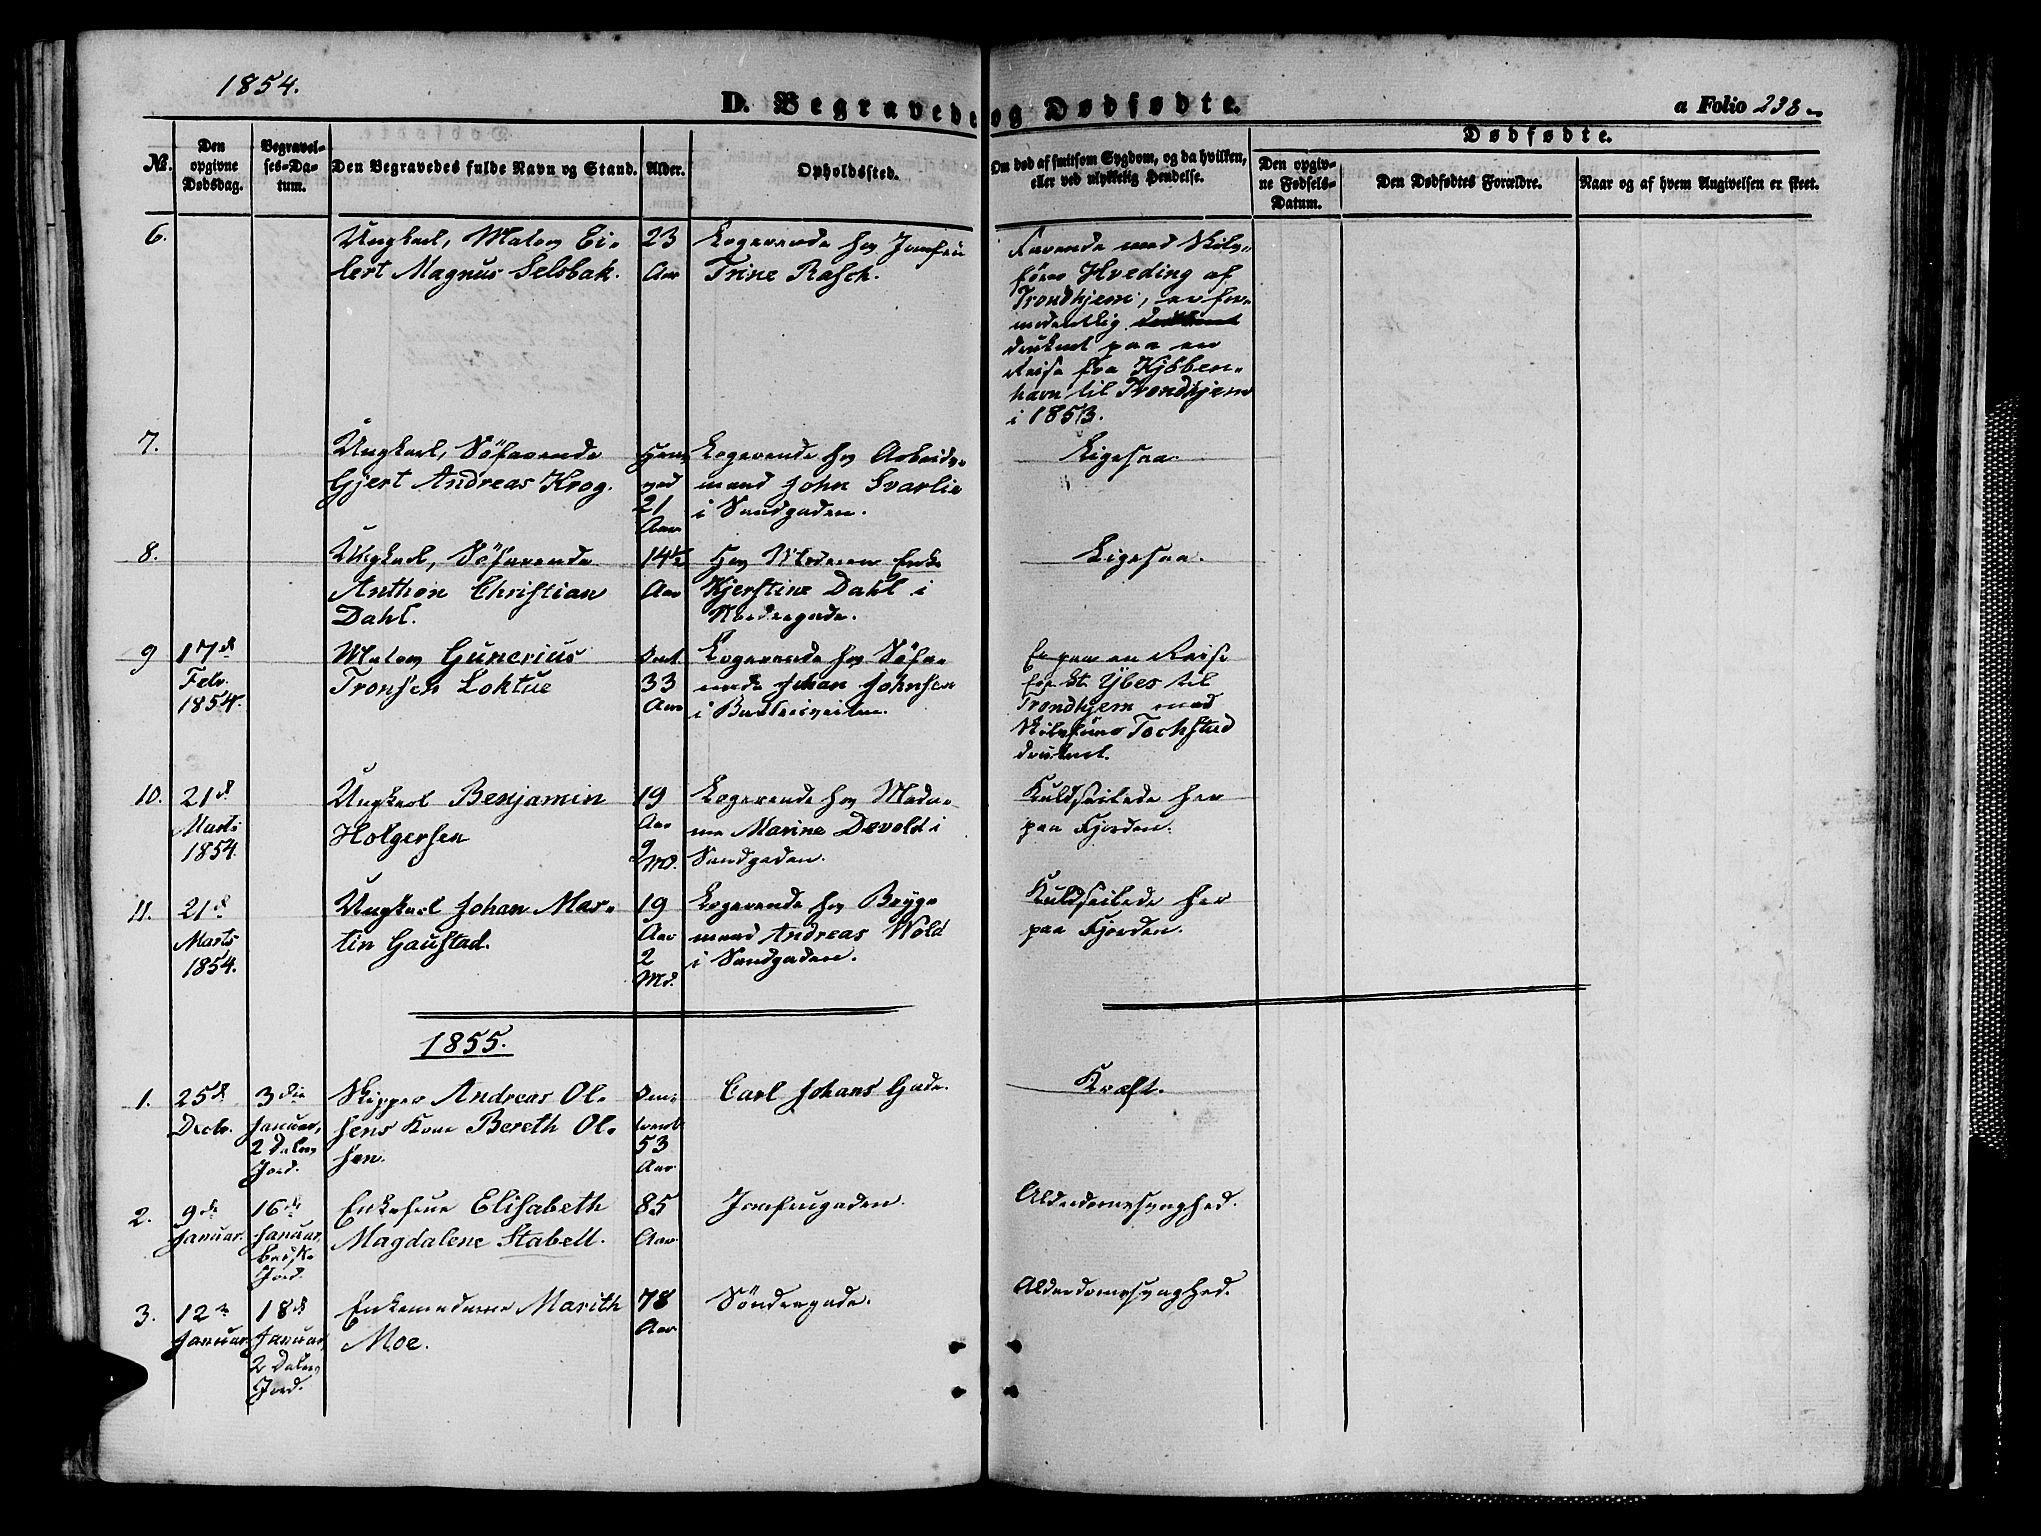 SAT, Ministerialprotokoller, klokkerbøker og fødselsregistre - Sør-Trøndelag, 602/L0138: Klokkerbok nr. 602C06, 1853-1858, s. 238